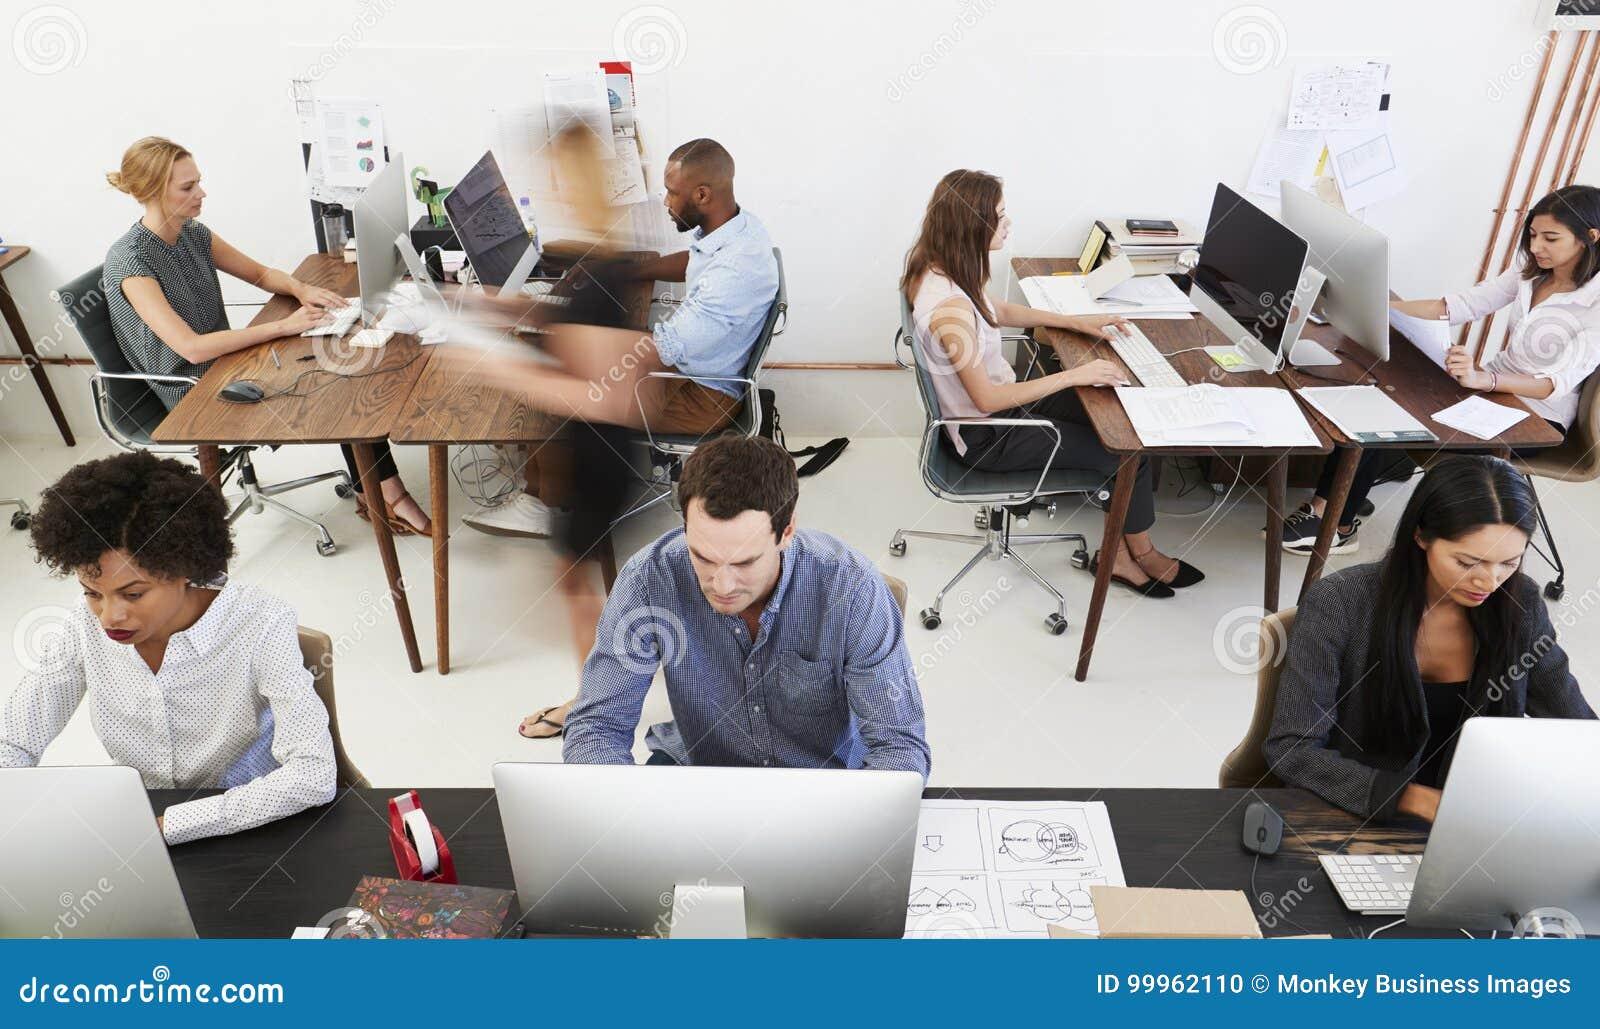 Συνάδελφοι στους υπολογιστές σε ένα ανοικτό γραφείο σχεδίων, μπροστινή άποψη